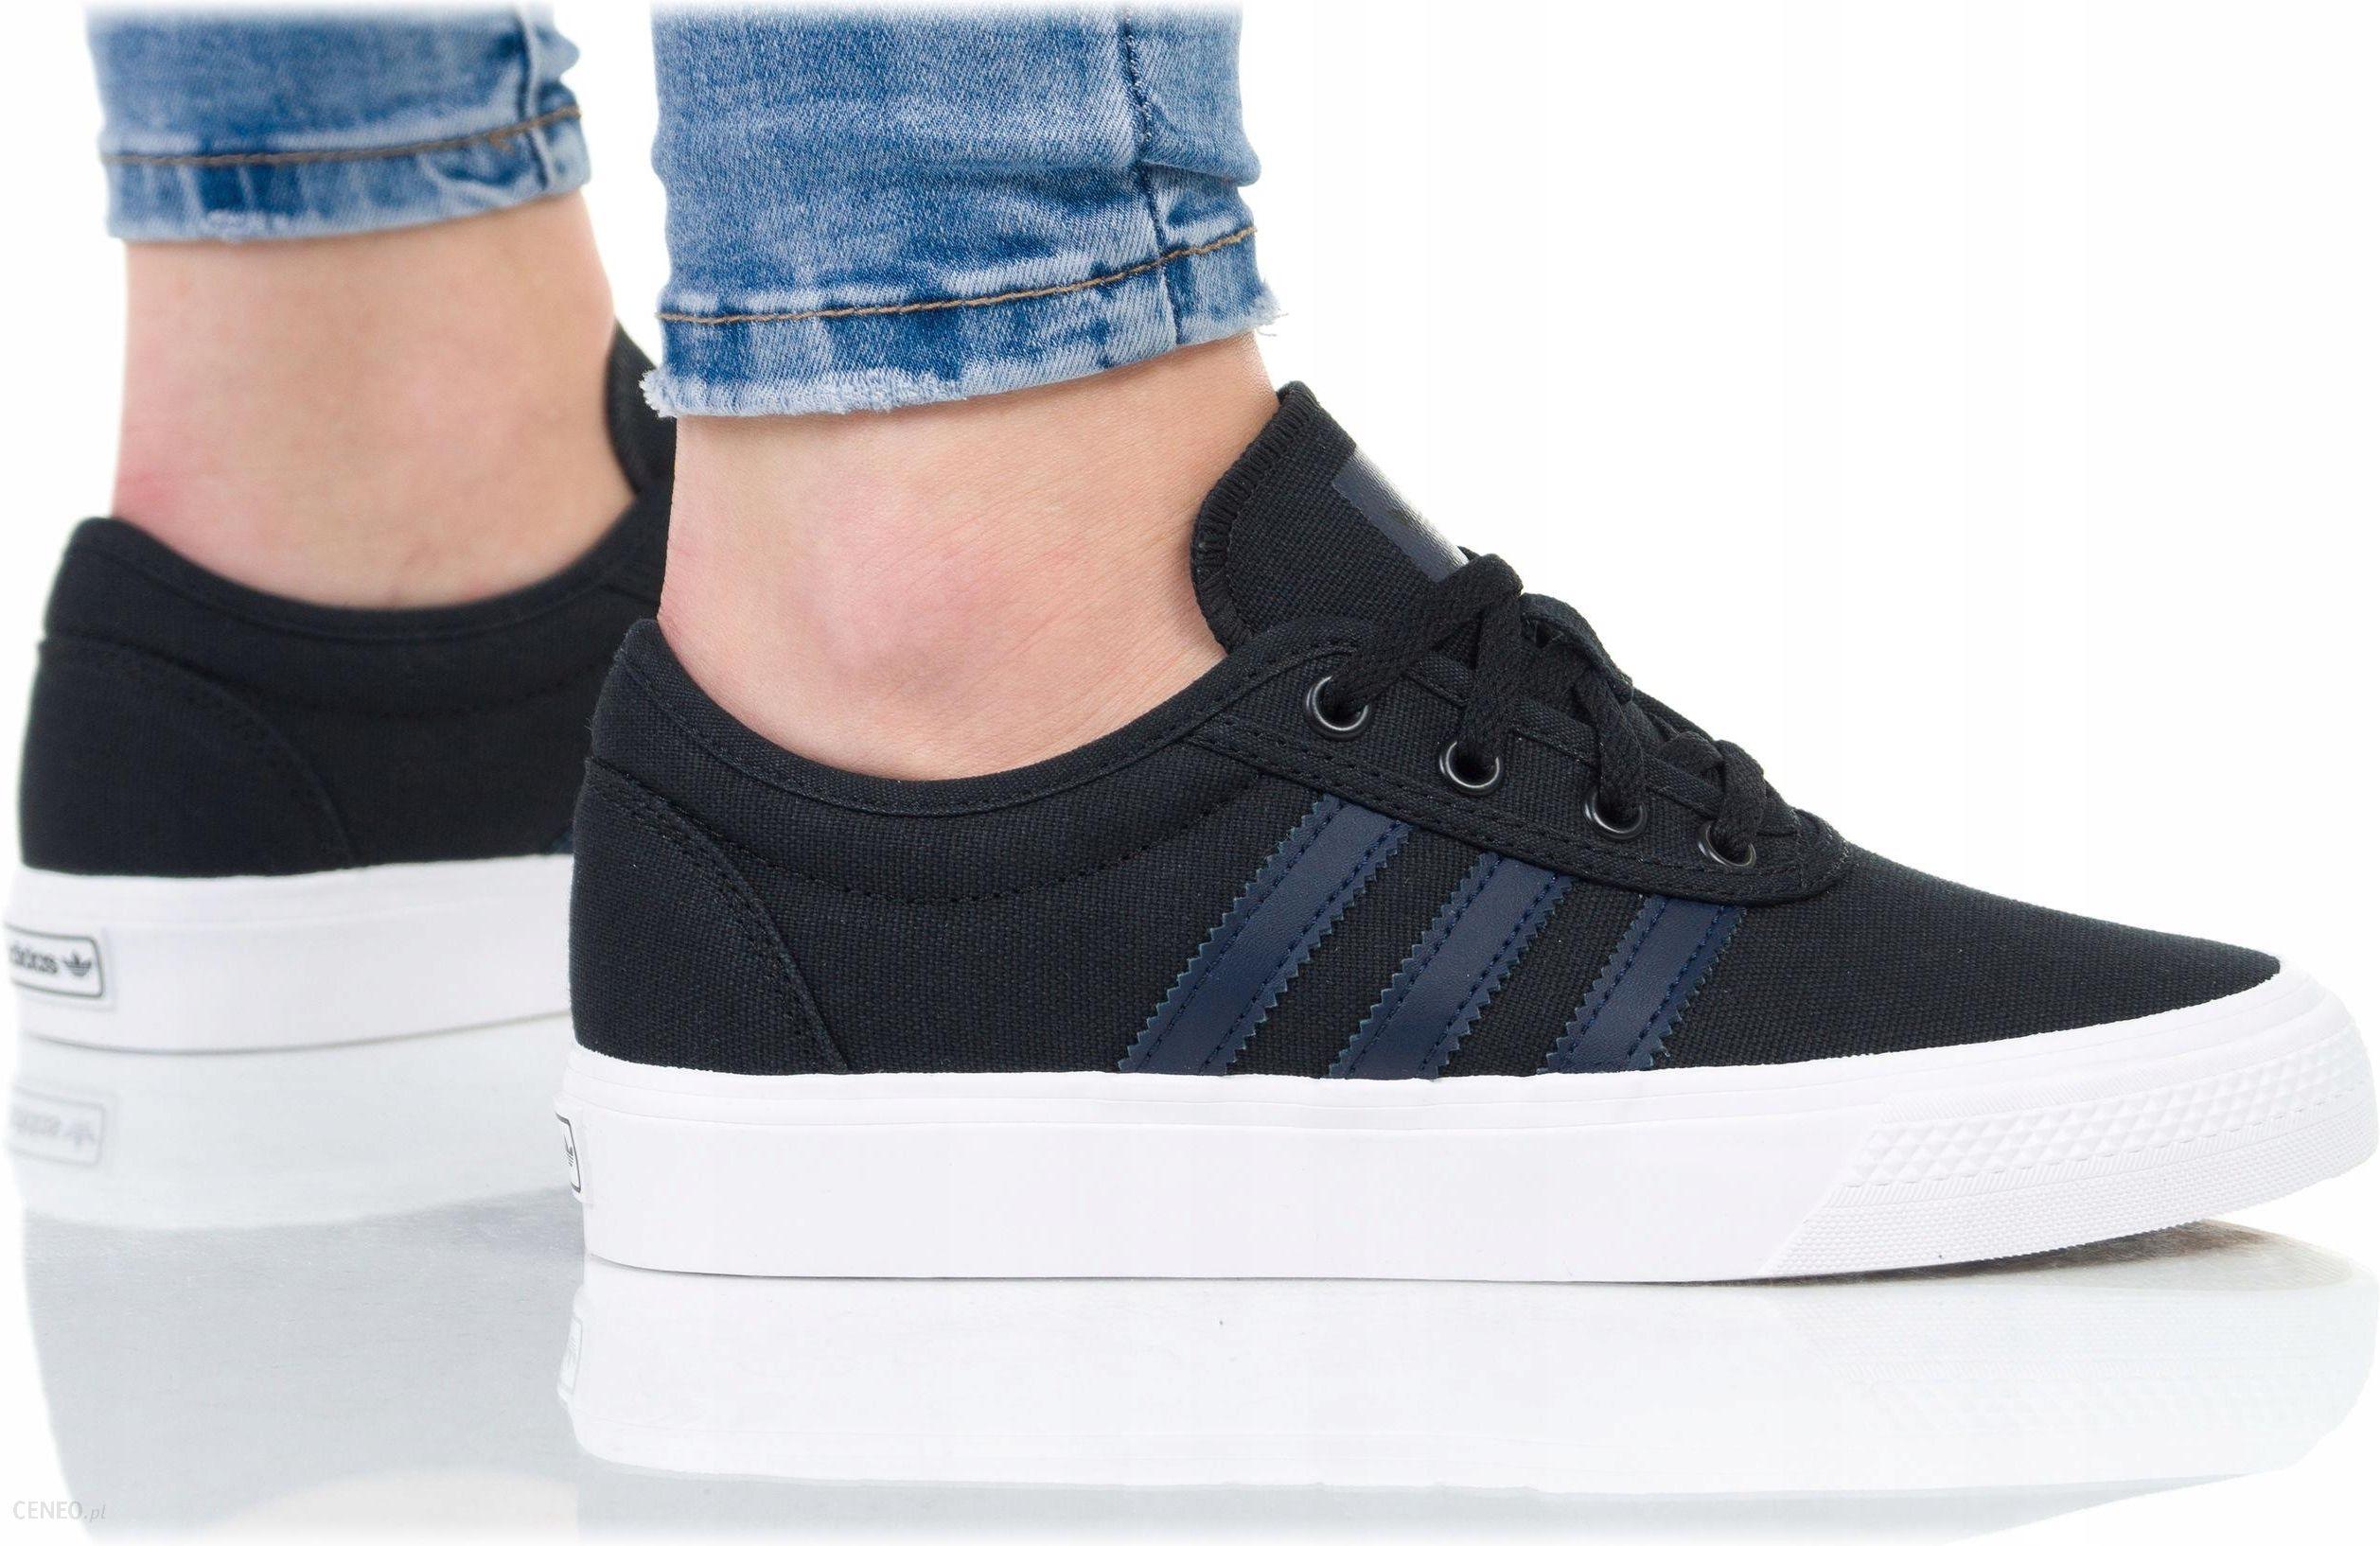 butik wyprzedażowy lepszy zawsze popularny Buty Adidas Damskie Adi-ease J DB3119 Czarne - Ceny i opinie - Ceneo.pl